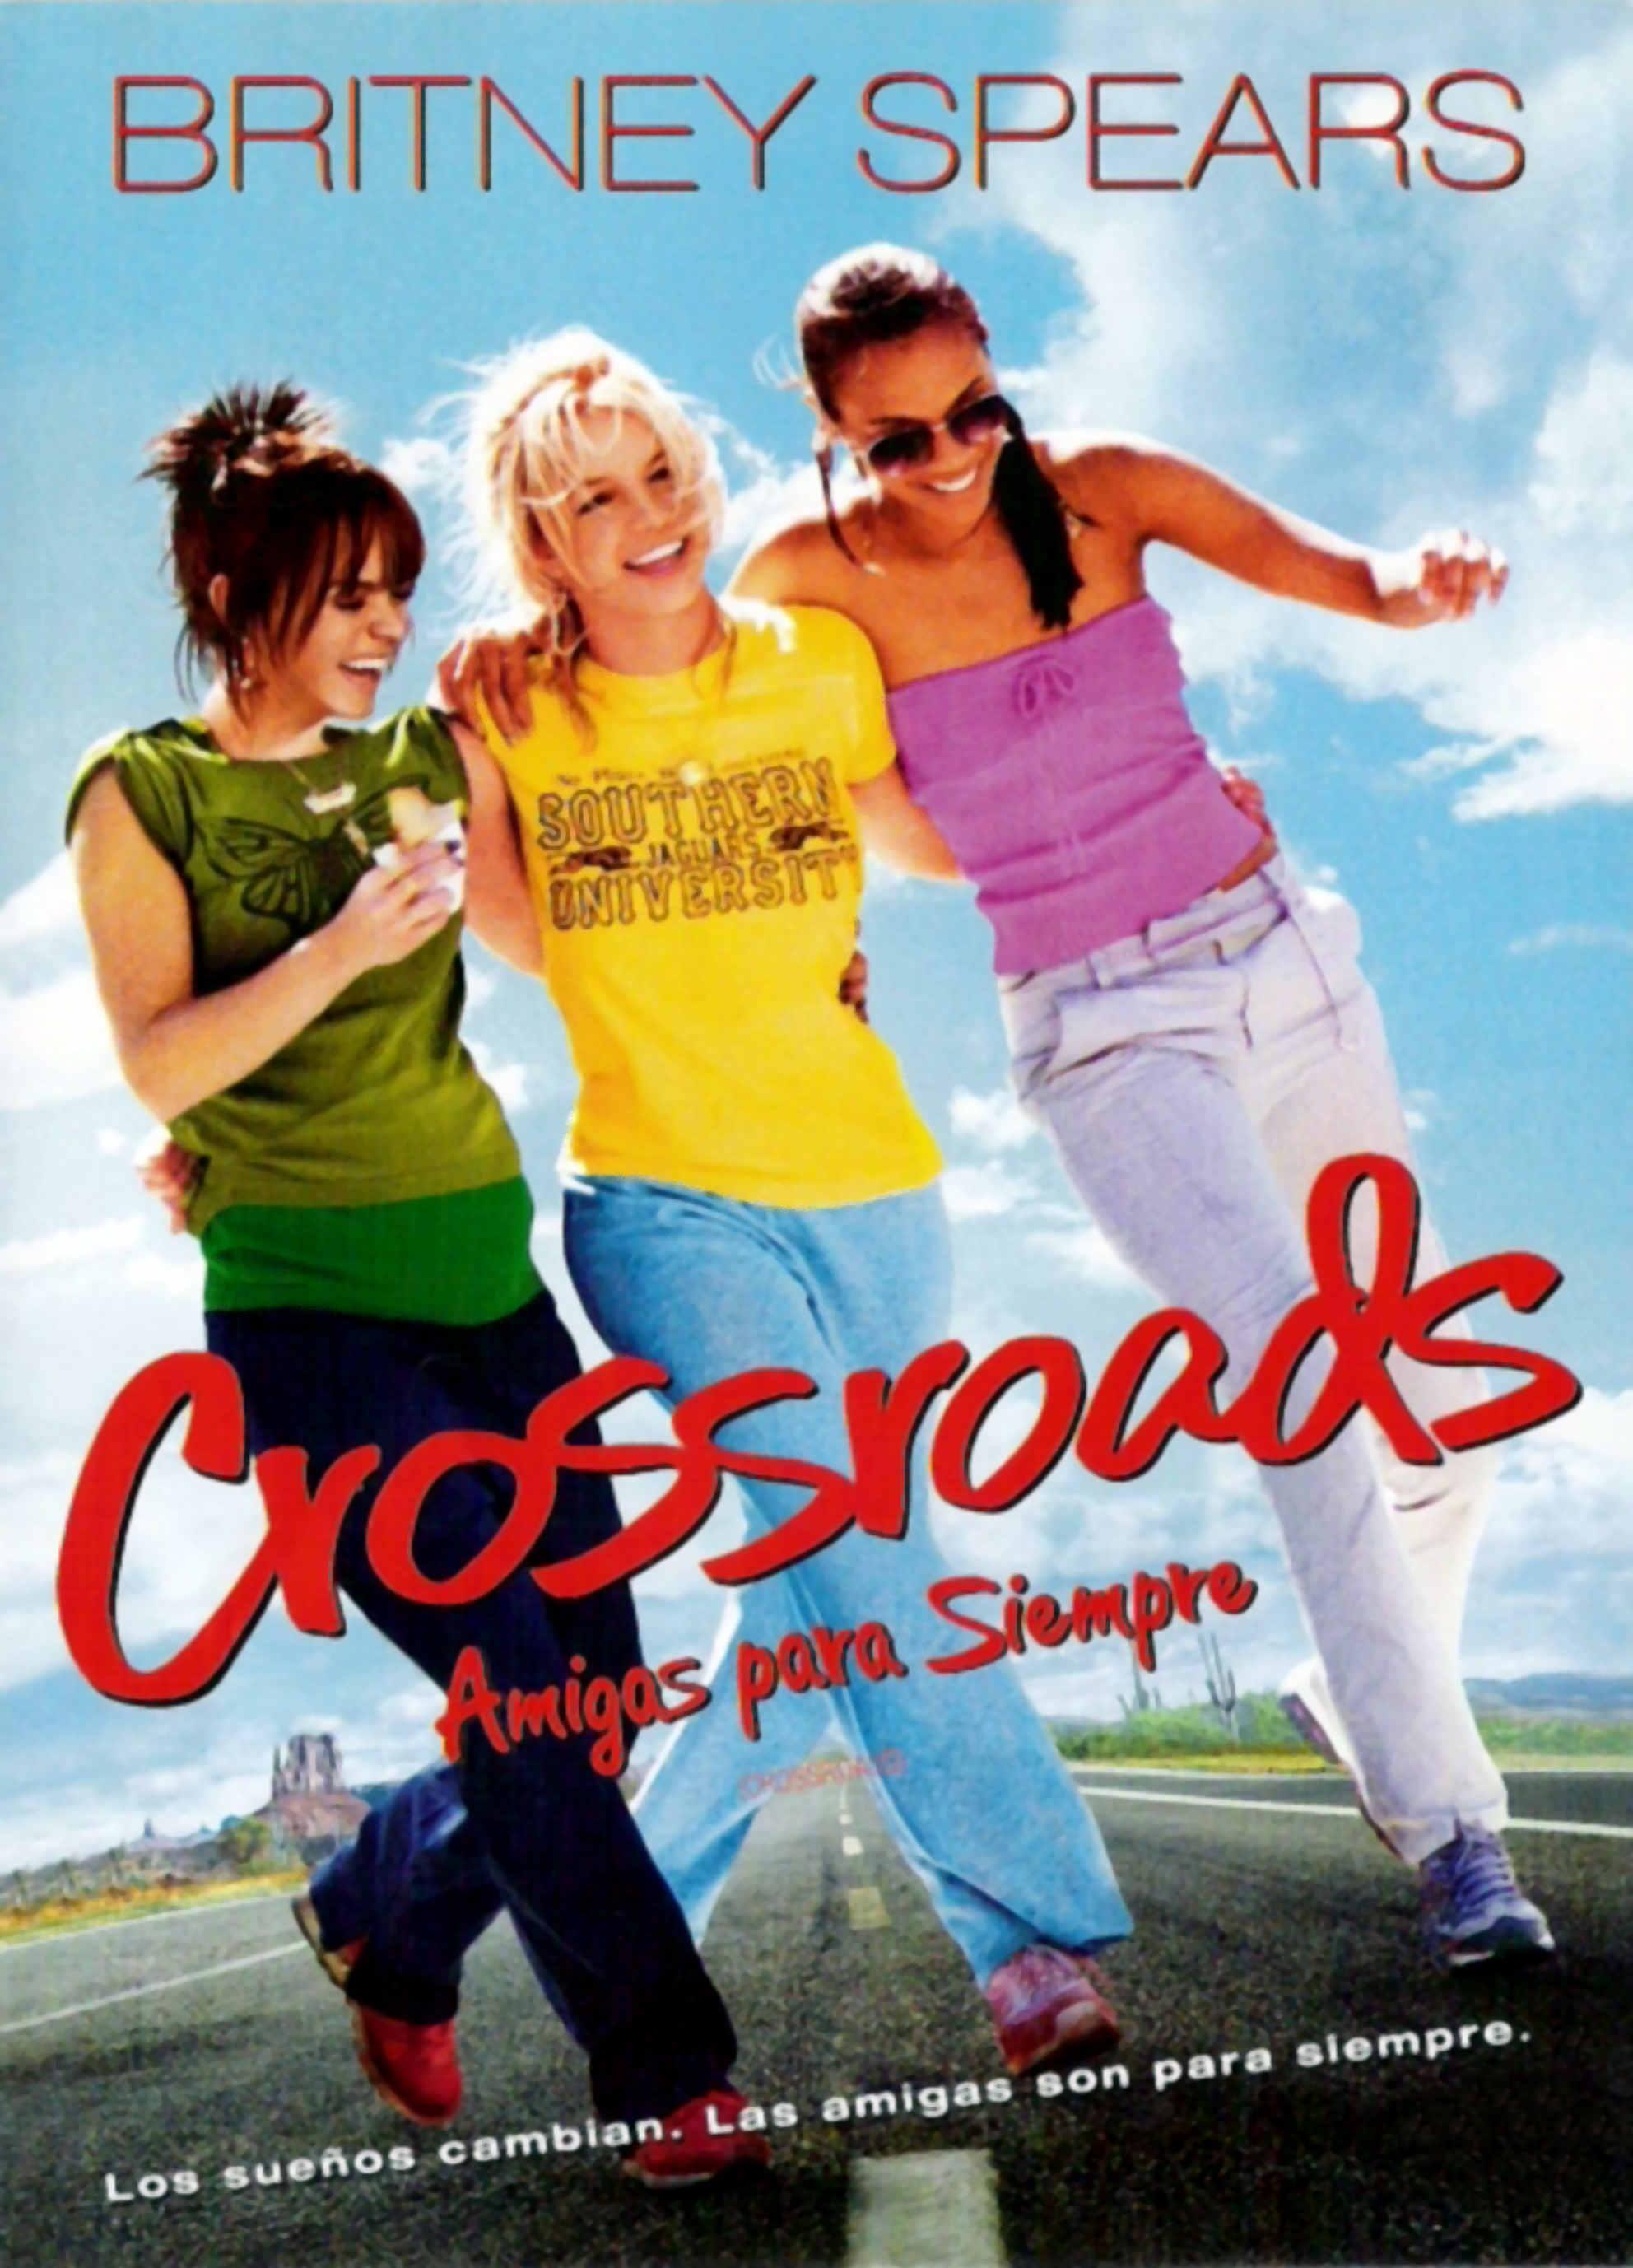 Crossroads: Amigas para siempre